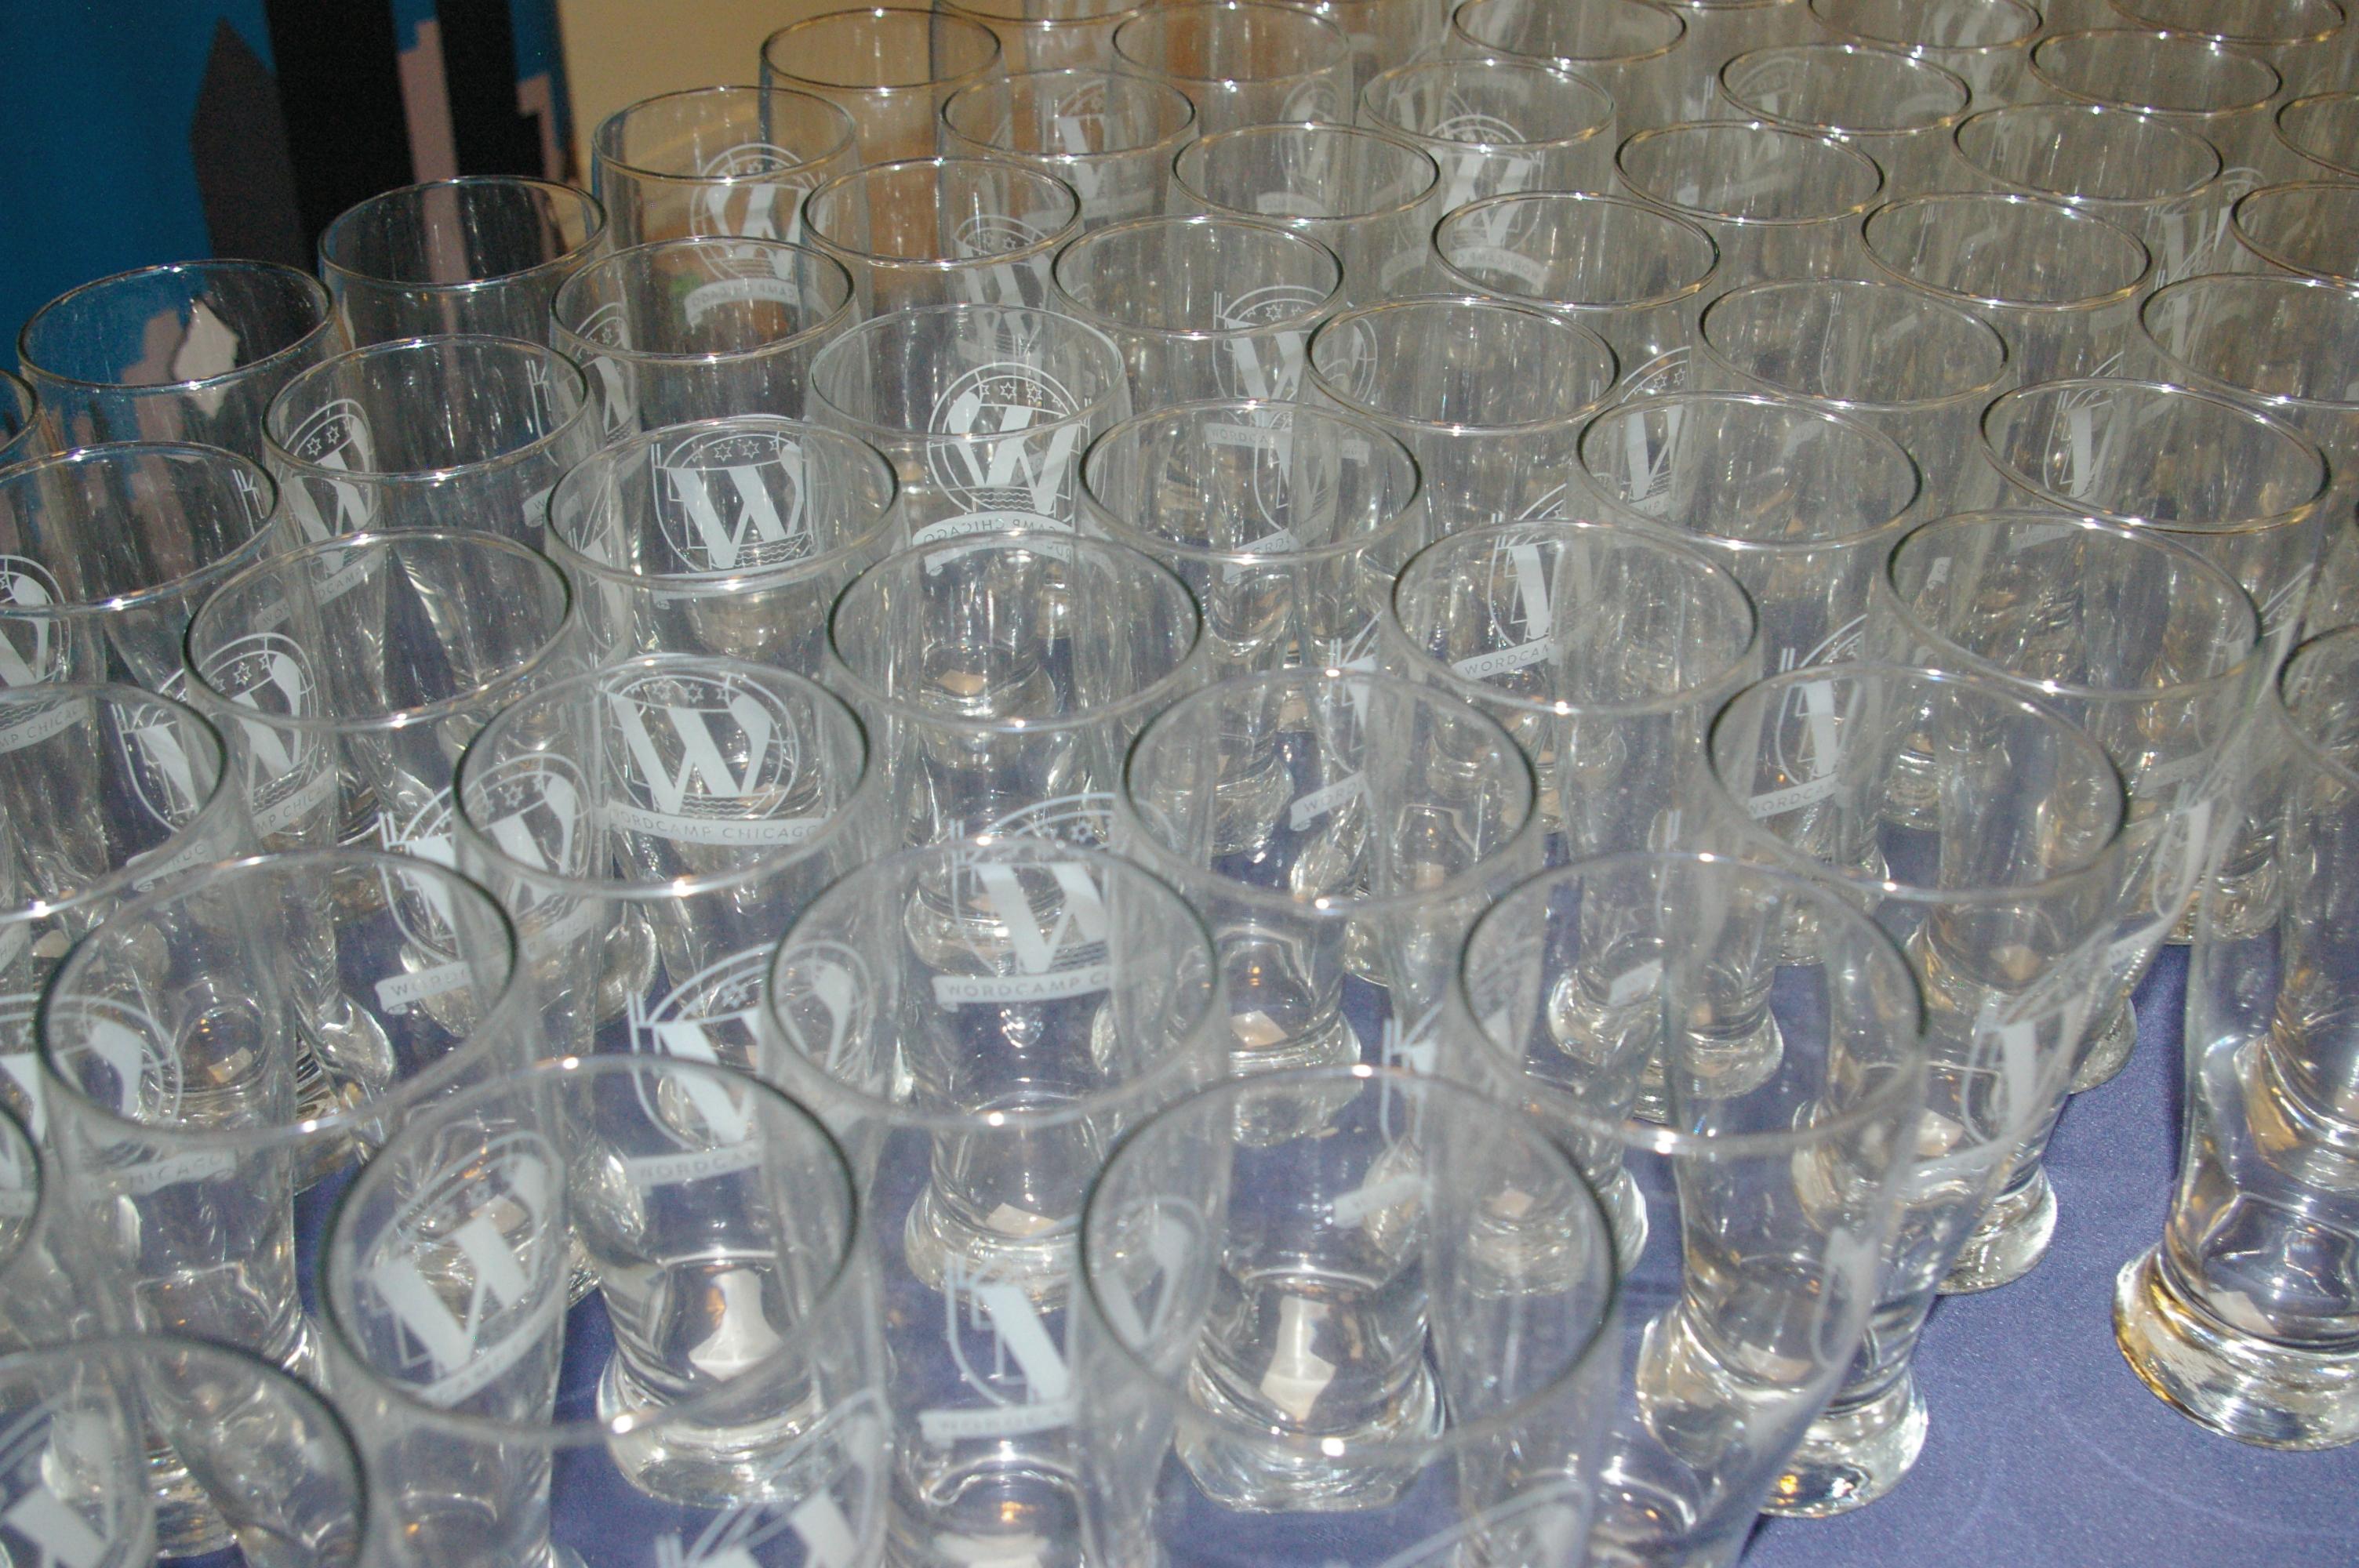 WordCamp Chicago 2014 Pilsner Glasses